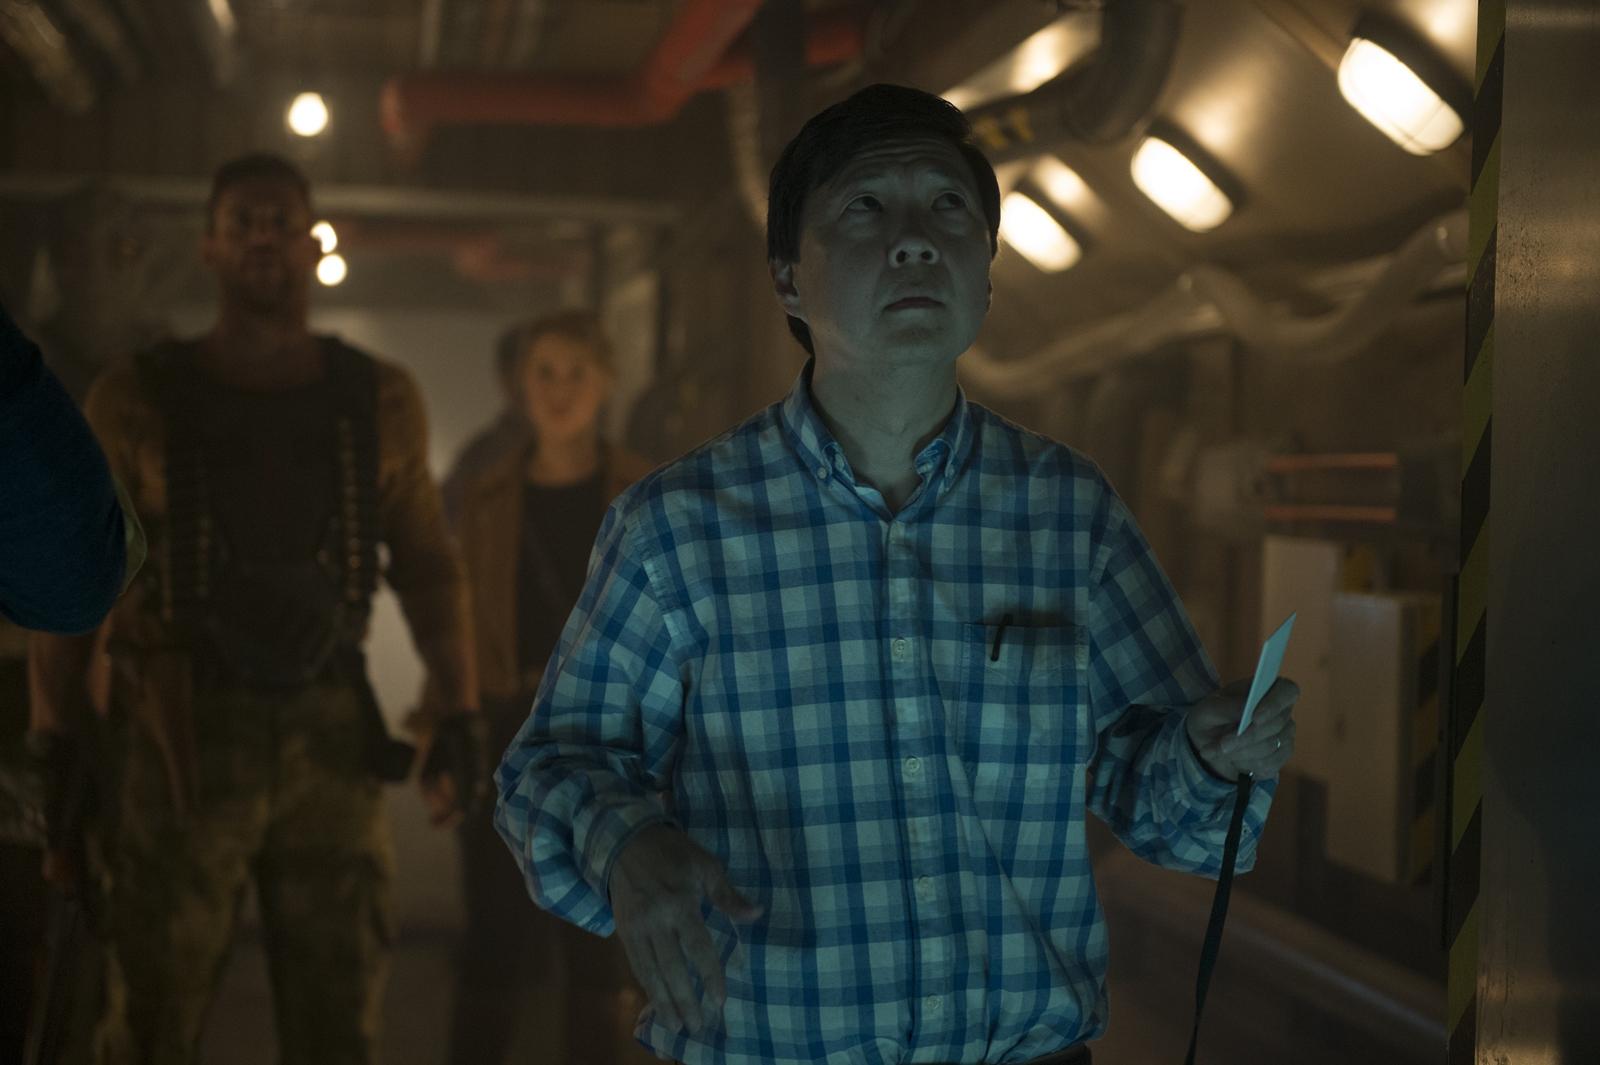 《異星佔領:反擊時刻》美國知名諧星鄭肯加盟演出 男主沒同框卻大讚:他出現的每分每秒都很好笑!